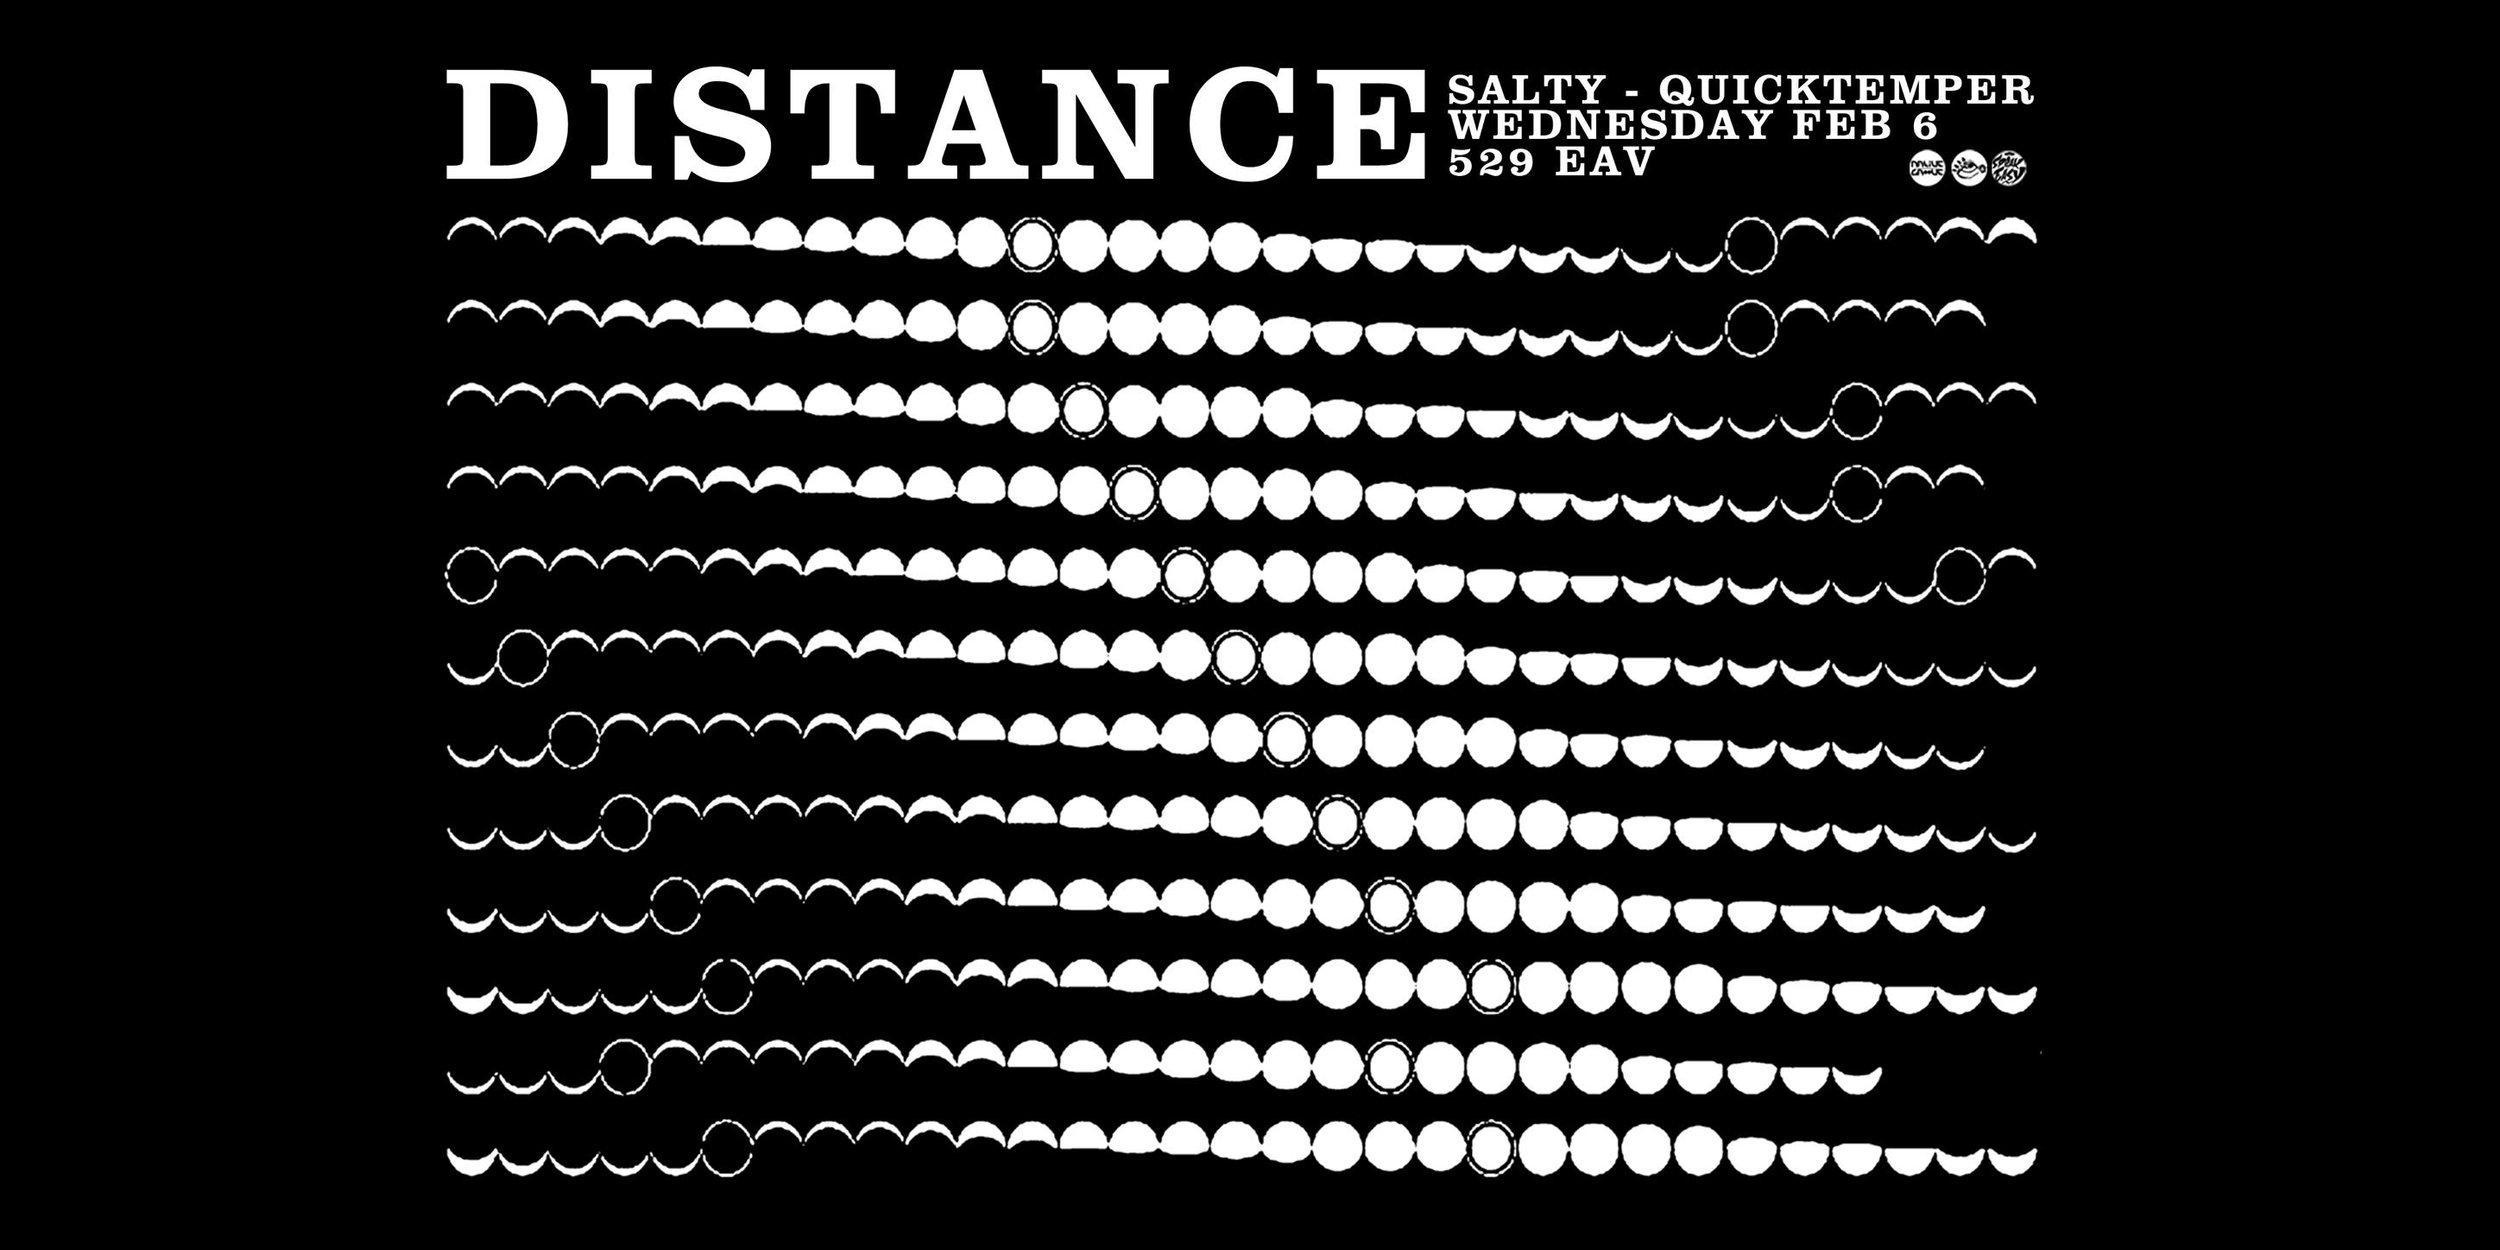 distance atlanta edm 529 eav